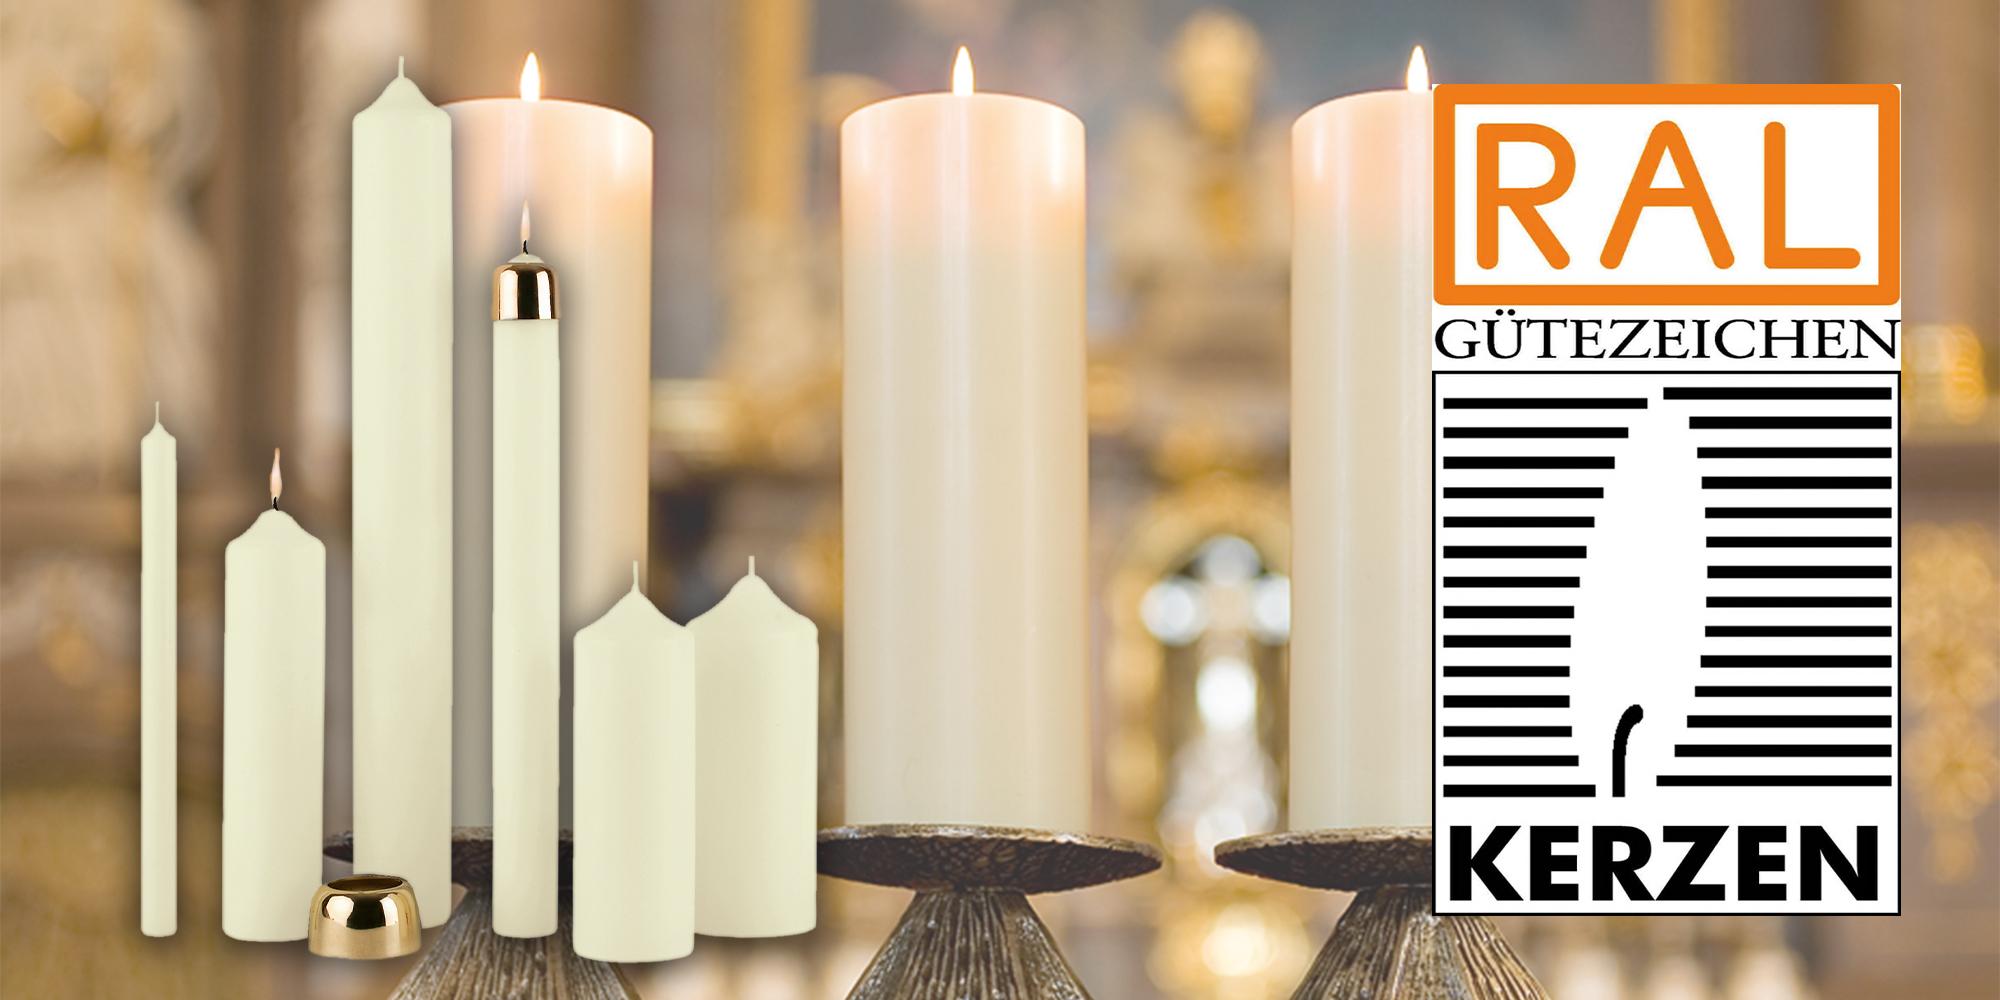 RAL-Gütezeichen Kerzen, eine garantierte Qualität